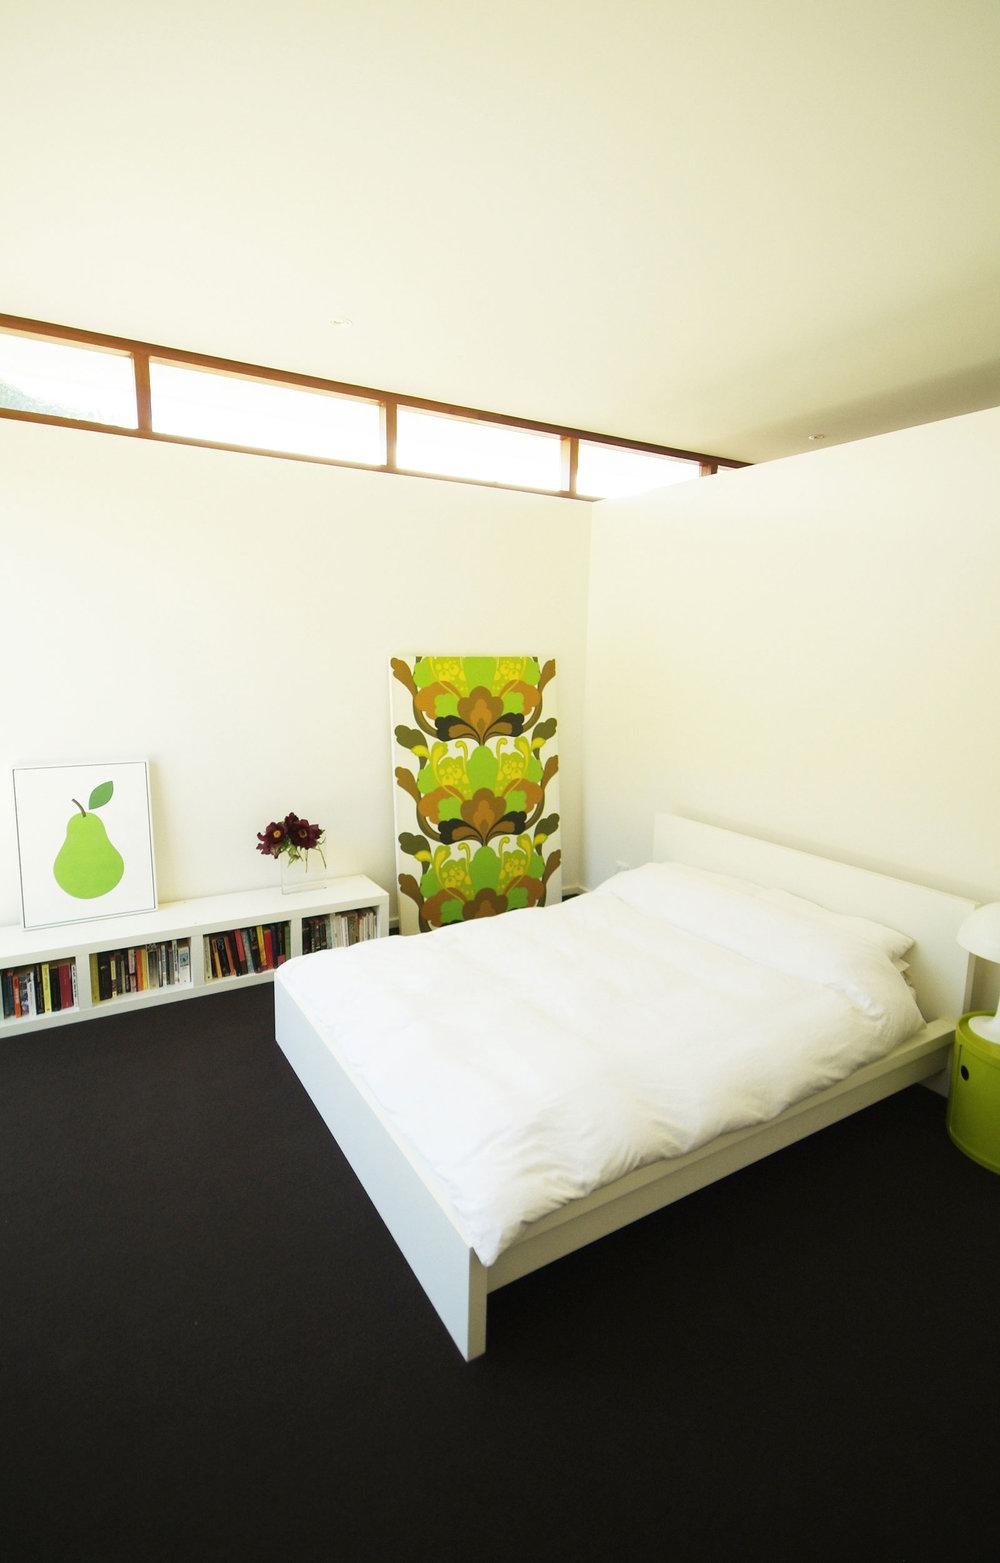 enoki-interior-stocksnell-3.jpg